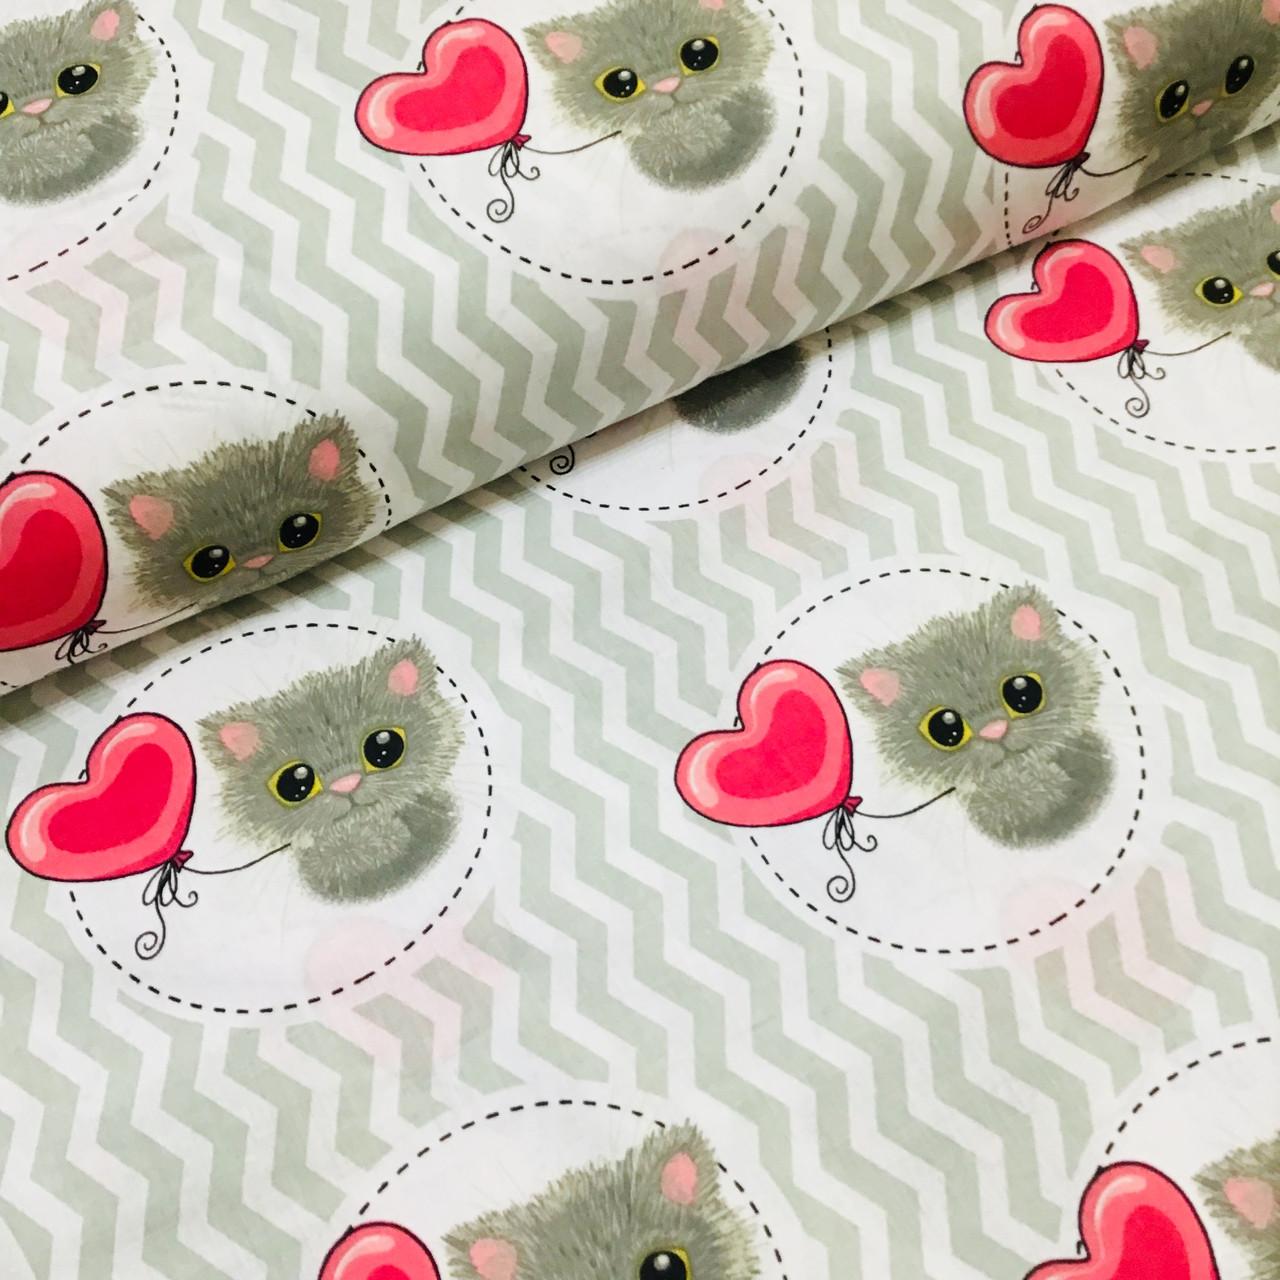 Ткань польская хлопковая, котики с розовыми воздушными шариками на сером зигзаге